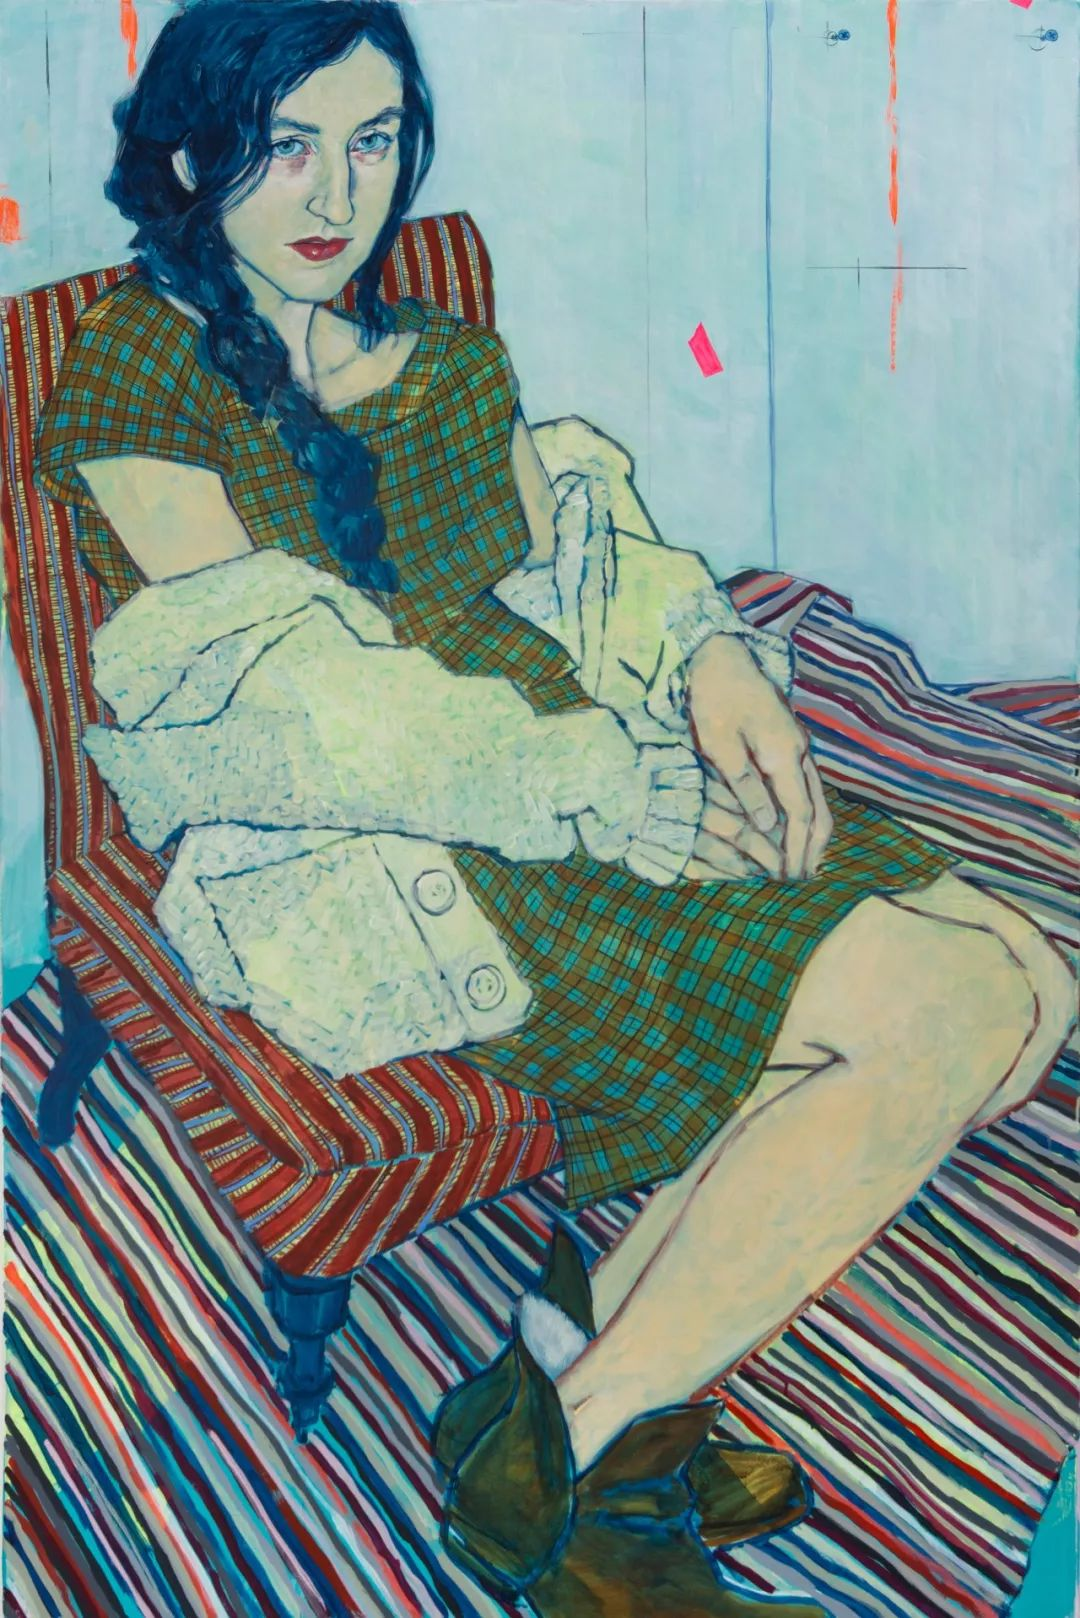 用平静的笔触描绘强烈的感情,美国艺术家Hope Gangloff作品选插图59